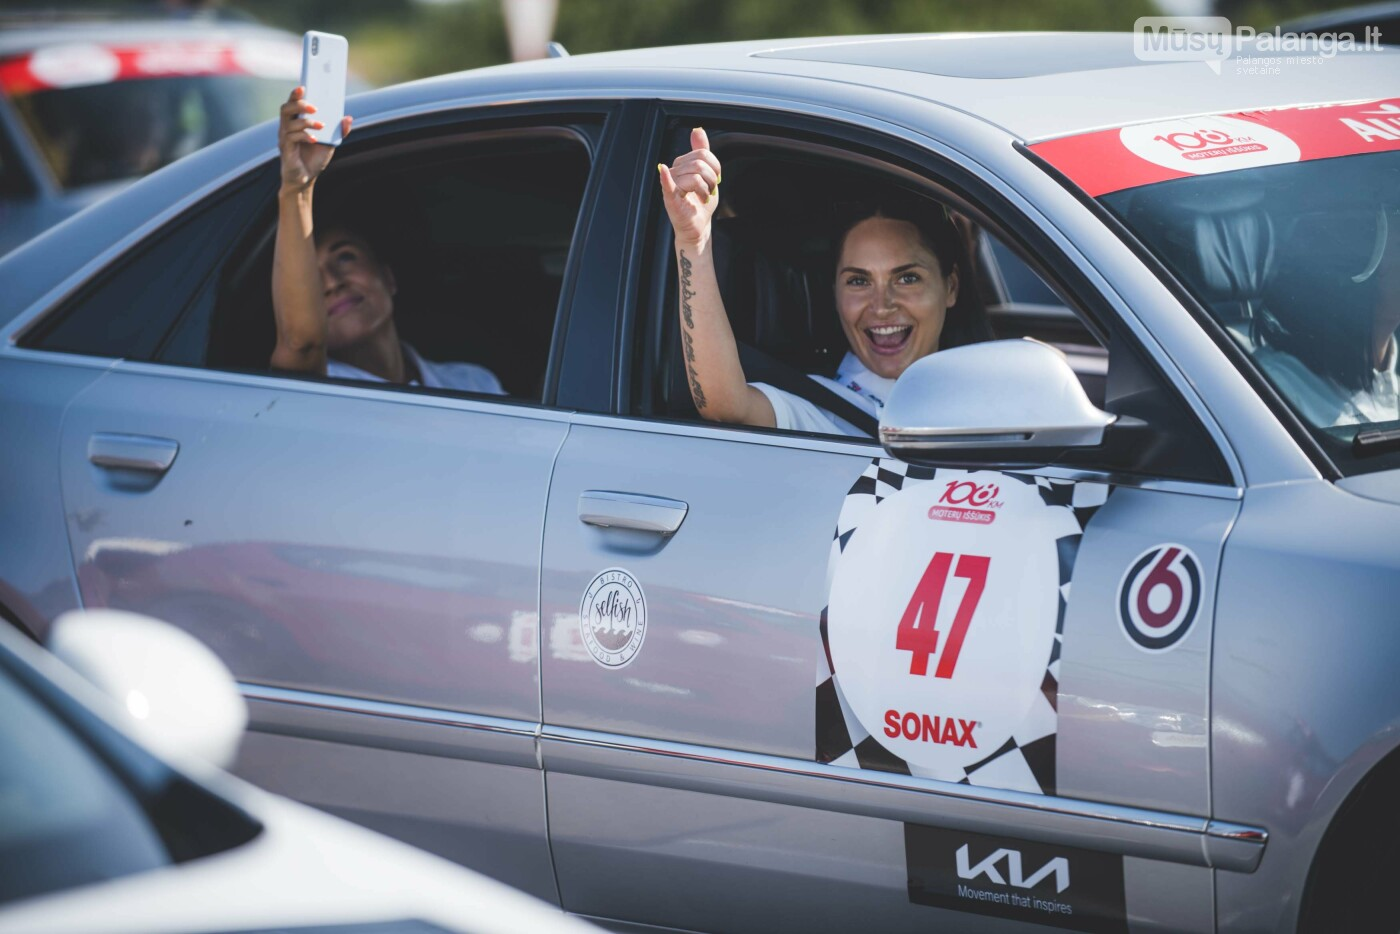 Žiūrovus žavėjo kilometrinė moterų iššūkio dalyvių kolona, nuotrauka-26, Vytauto PILKAUSKO ir Arno STRUMILOS nuotraukos